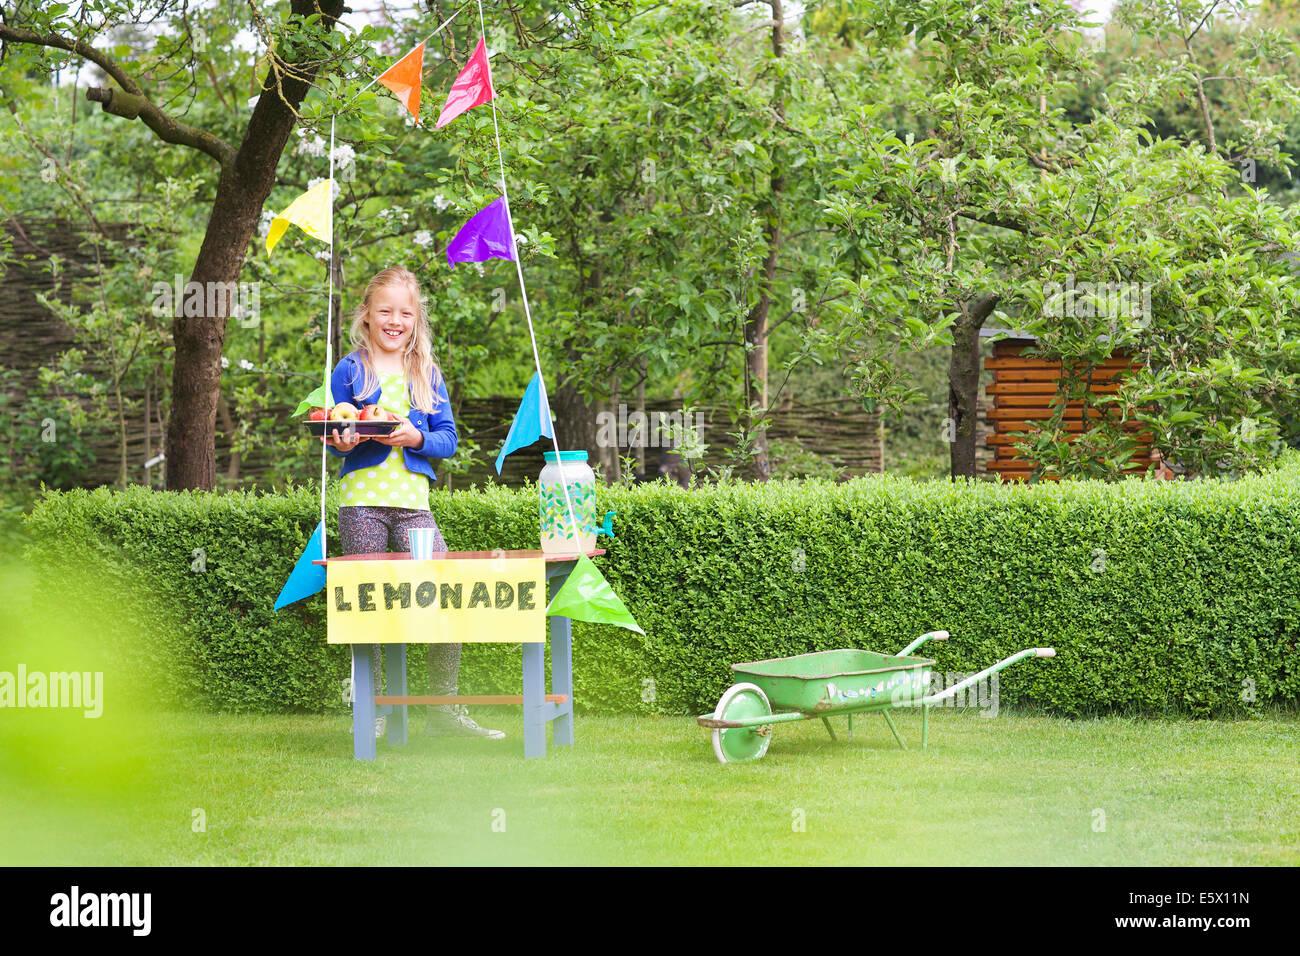 Limonade stehen Mädchen mit Schale von Äpfeln hinter ihr stehen Stockbild